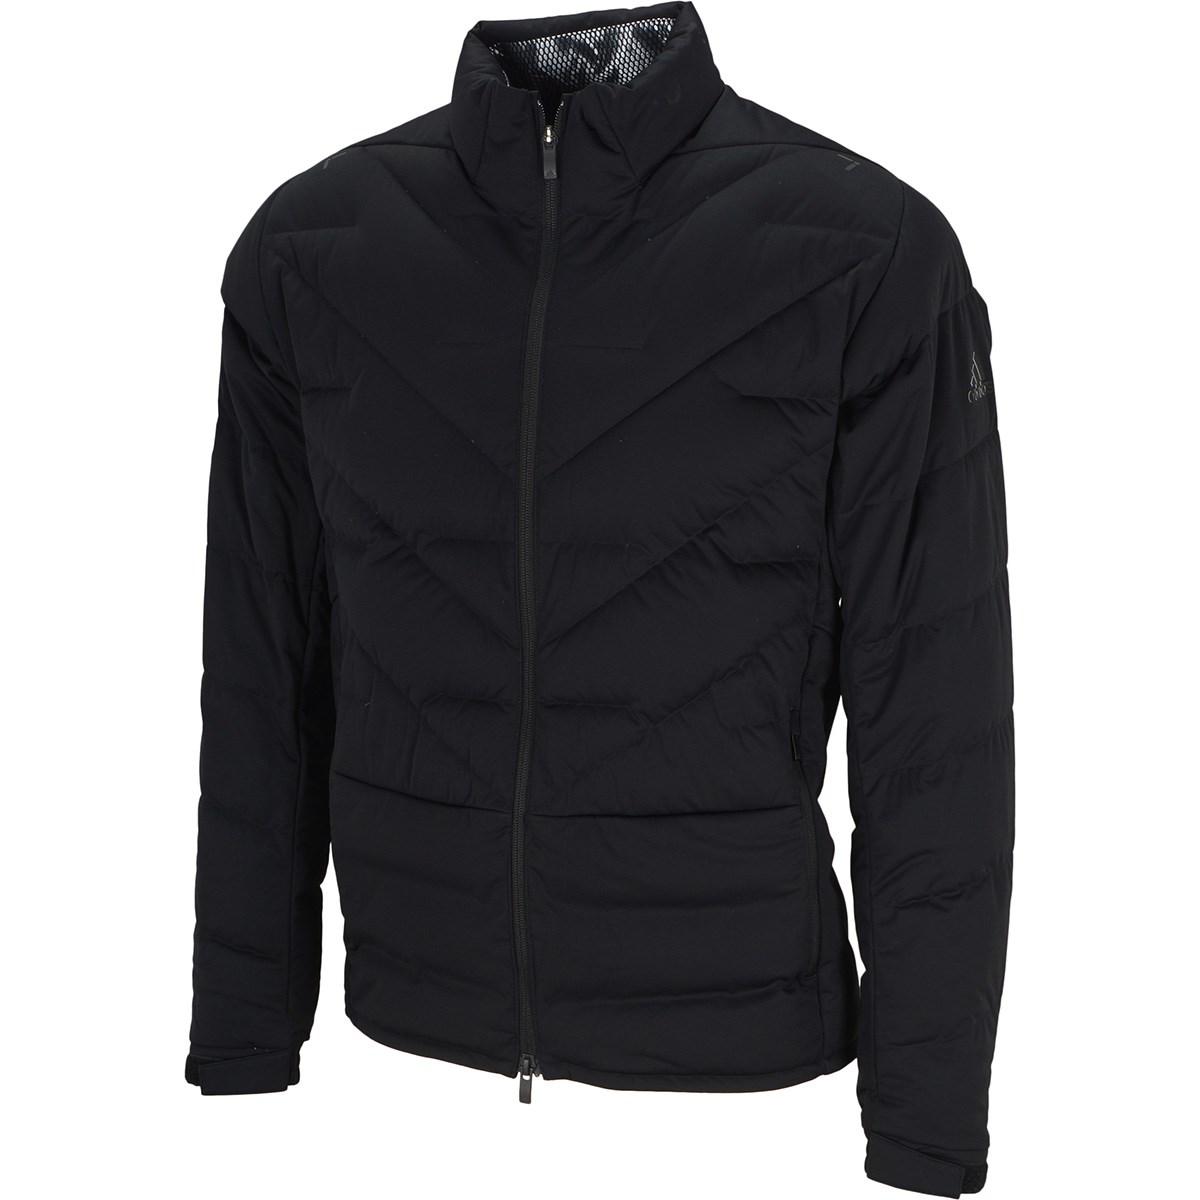 アディダス Adidas ストレッチ パフォーマンス ダウン フルジップ長袖ジャケット M ブラック